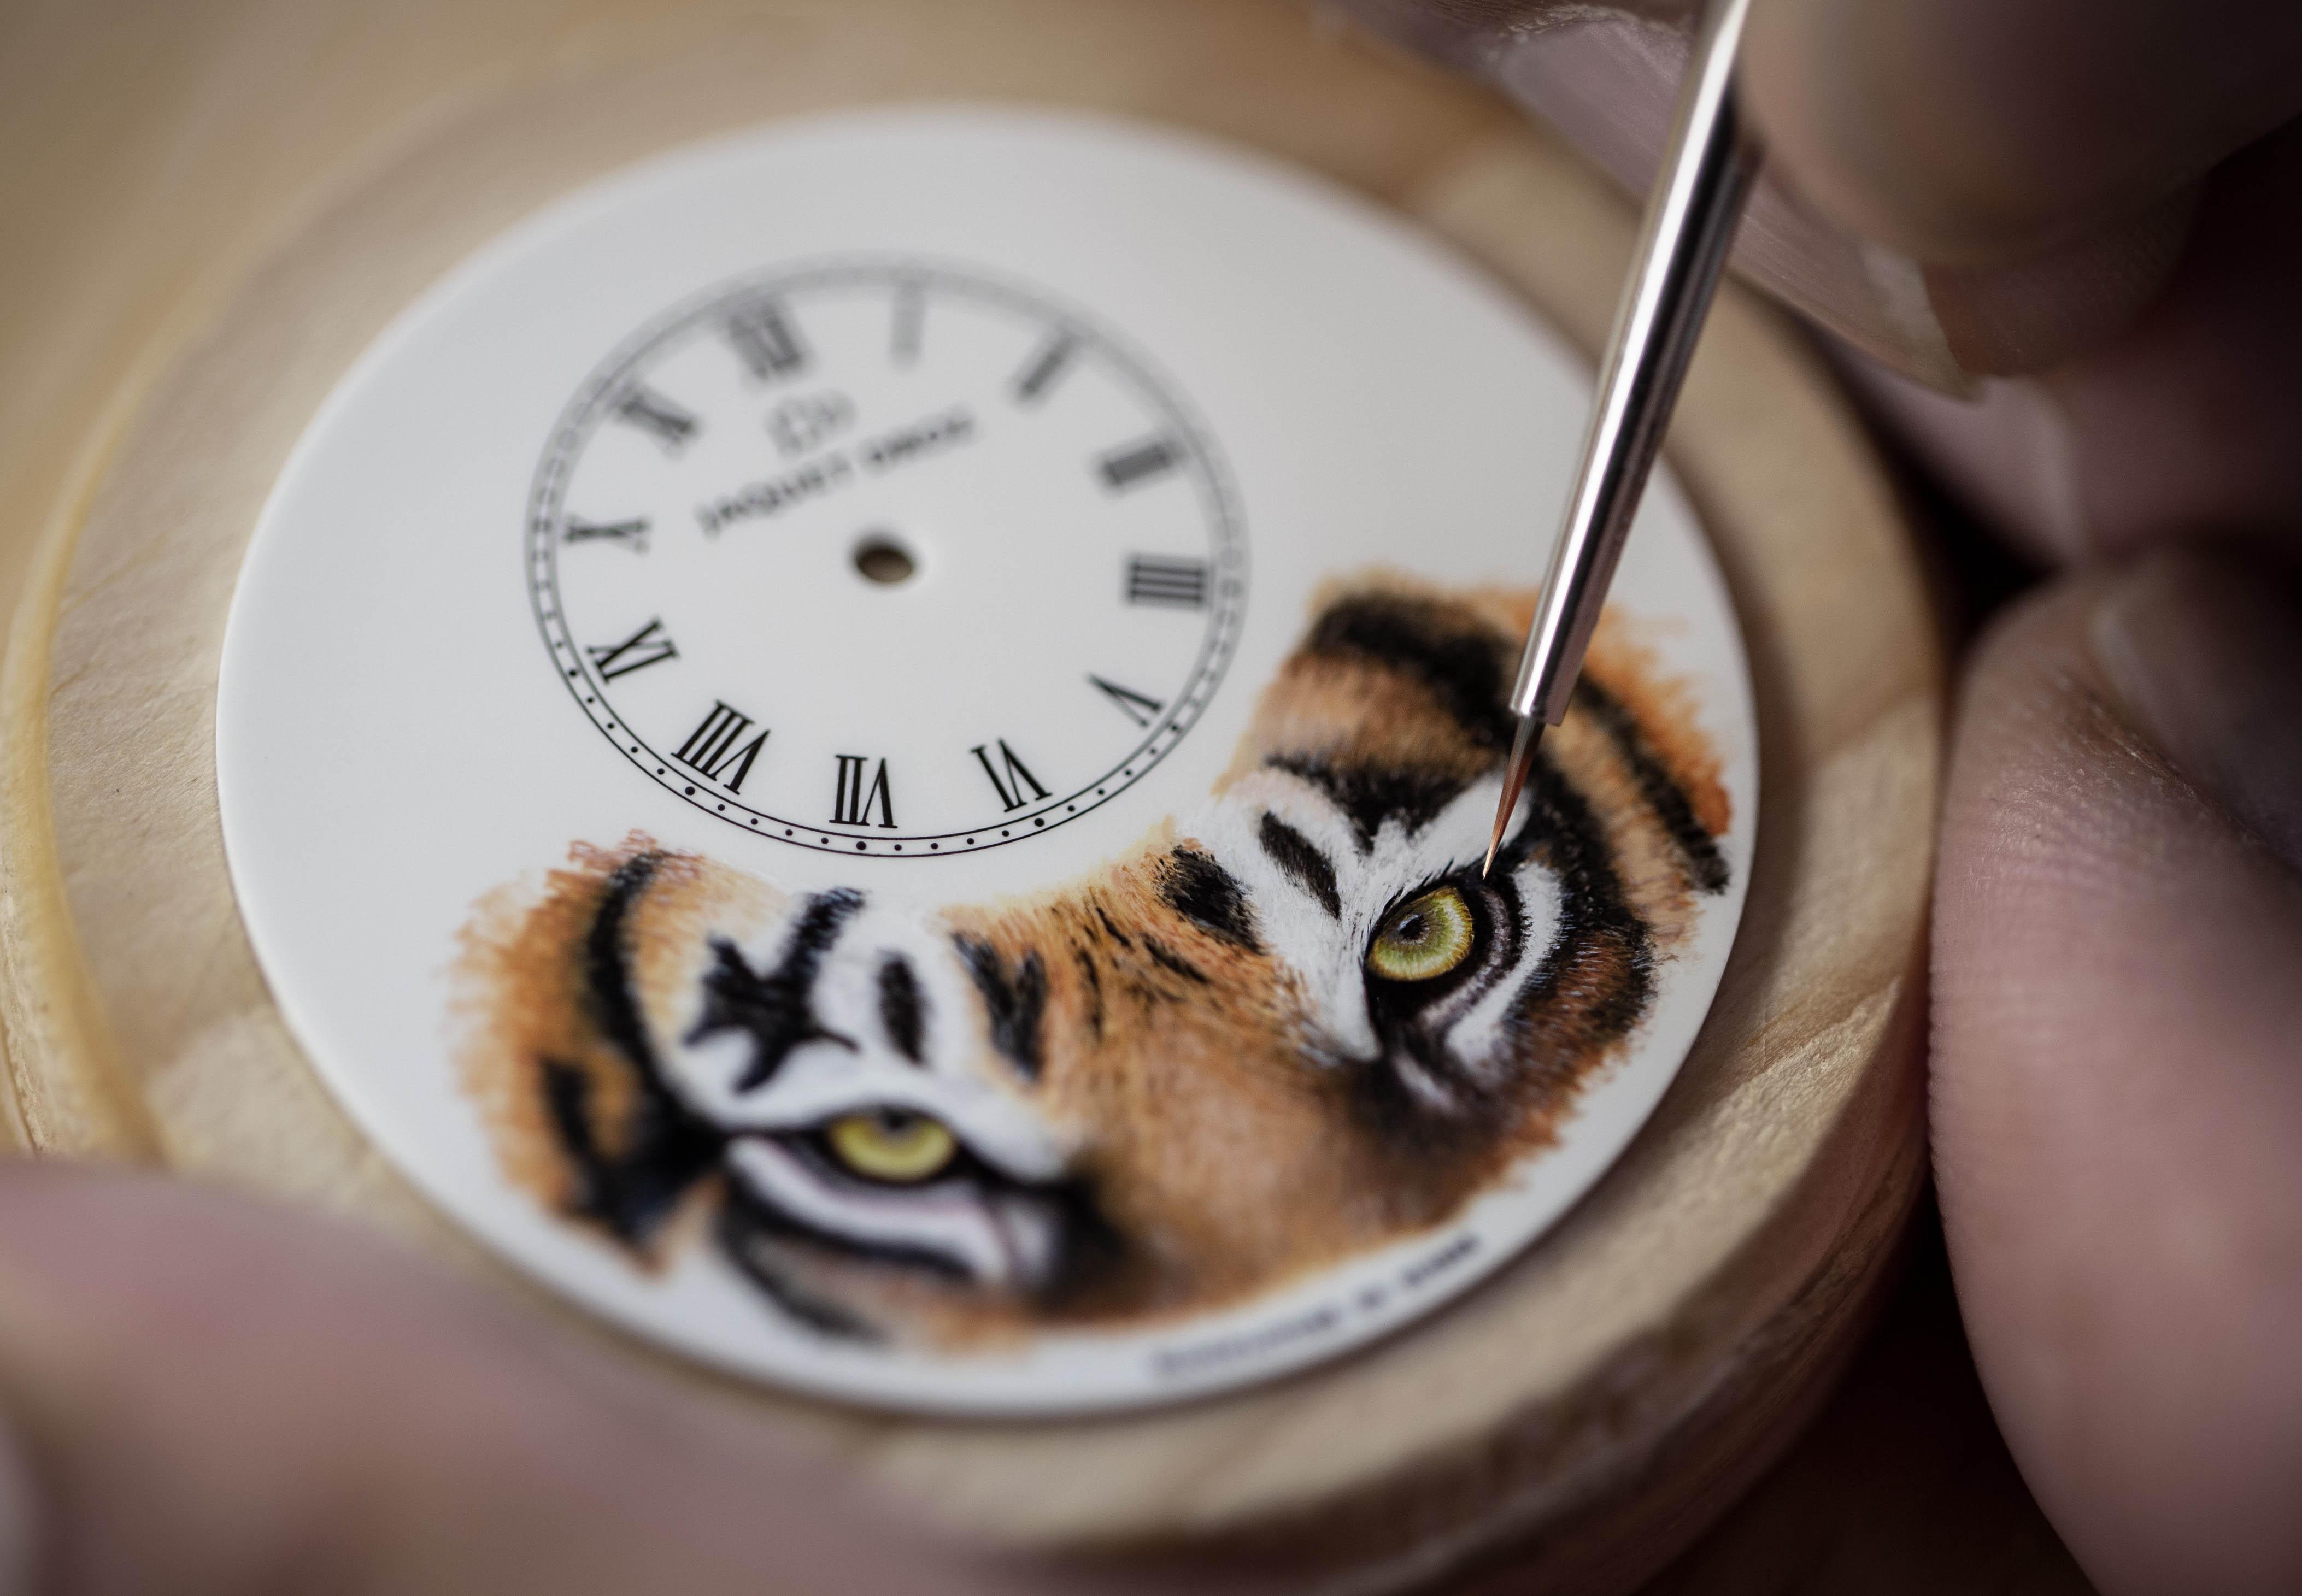 夏日丛林奇遇记 雅克德罗以细腻笔触打造腕间动物世界